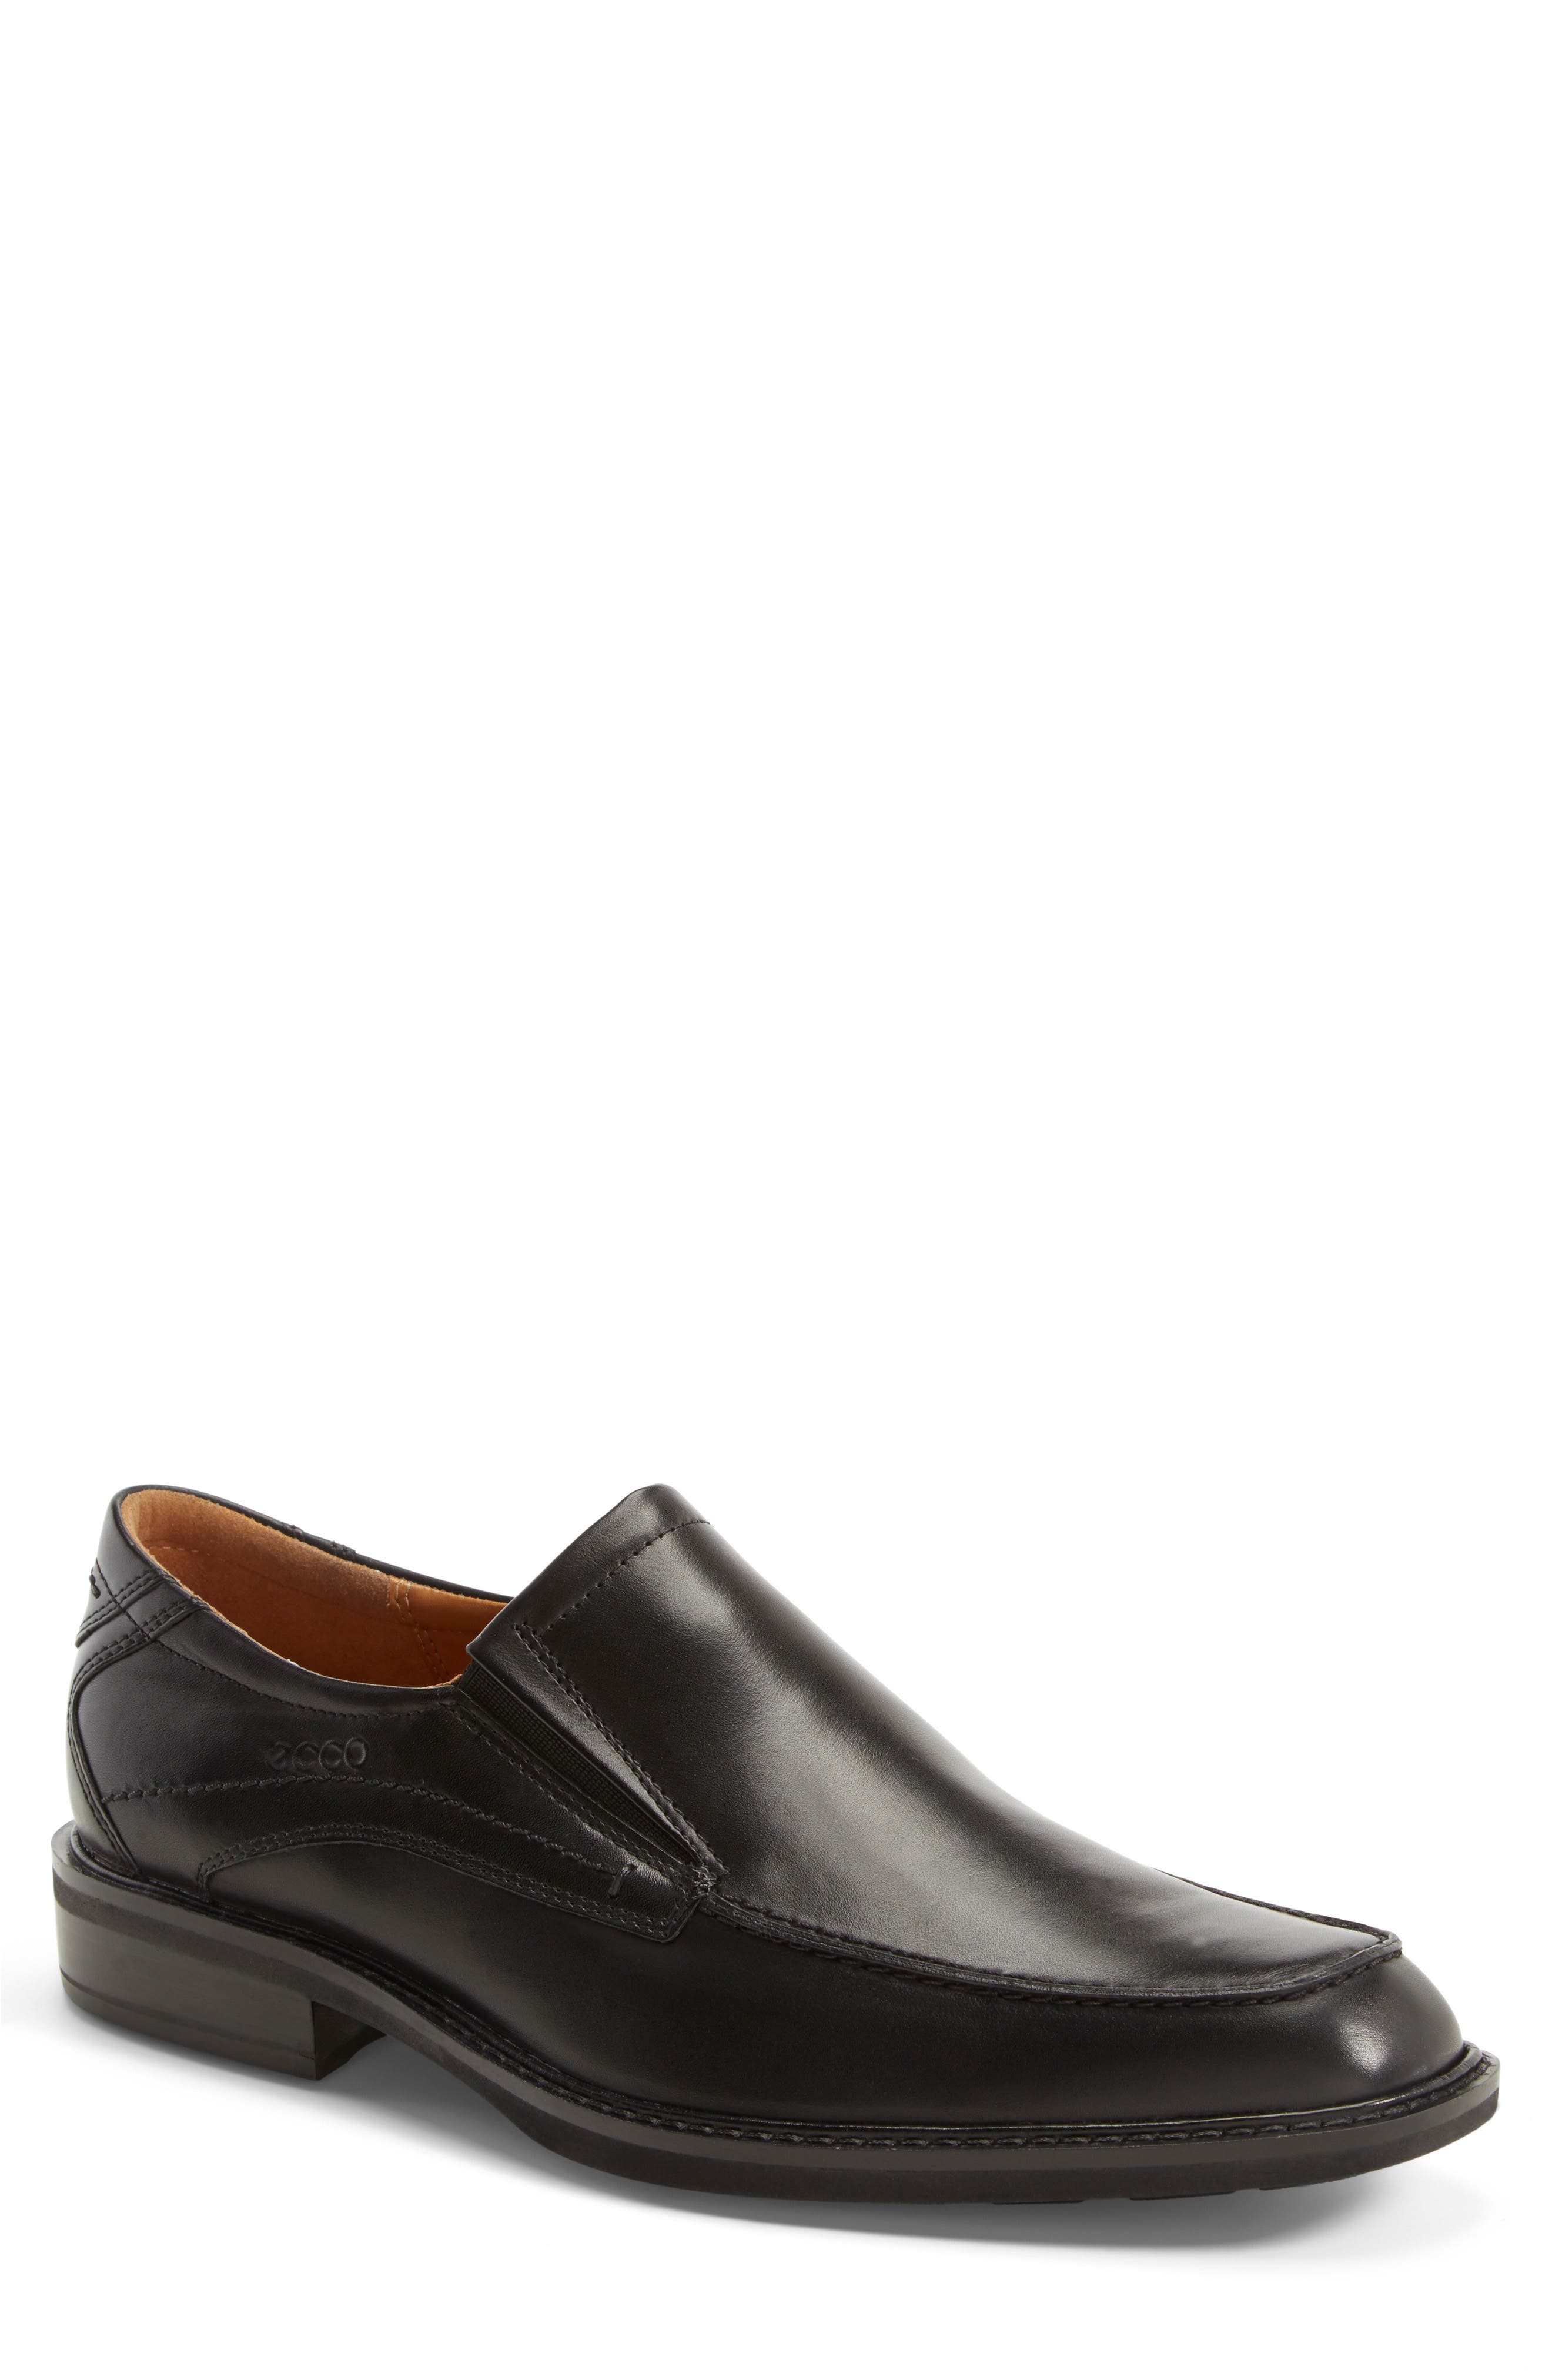 'Windsor' Slip-On, Main, color, BLACK/BLACK LEATHER